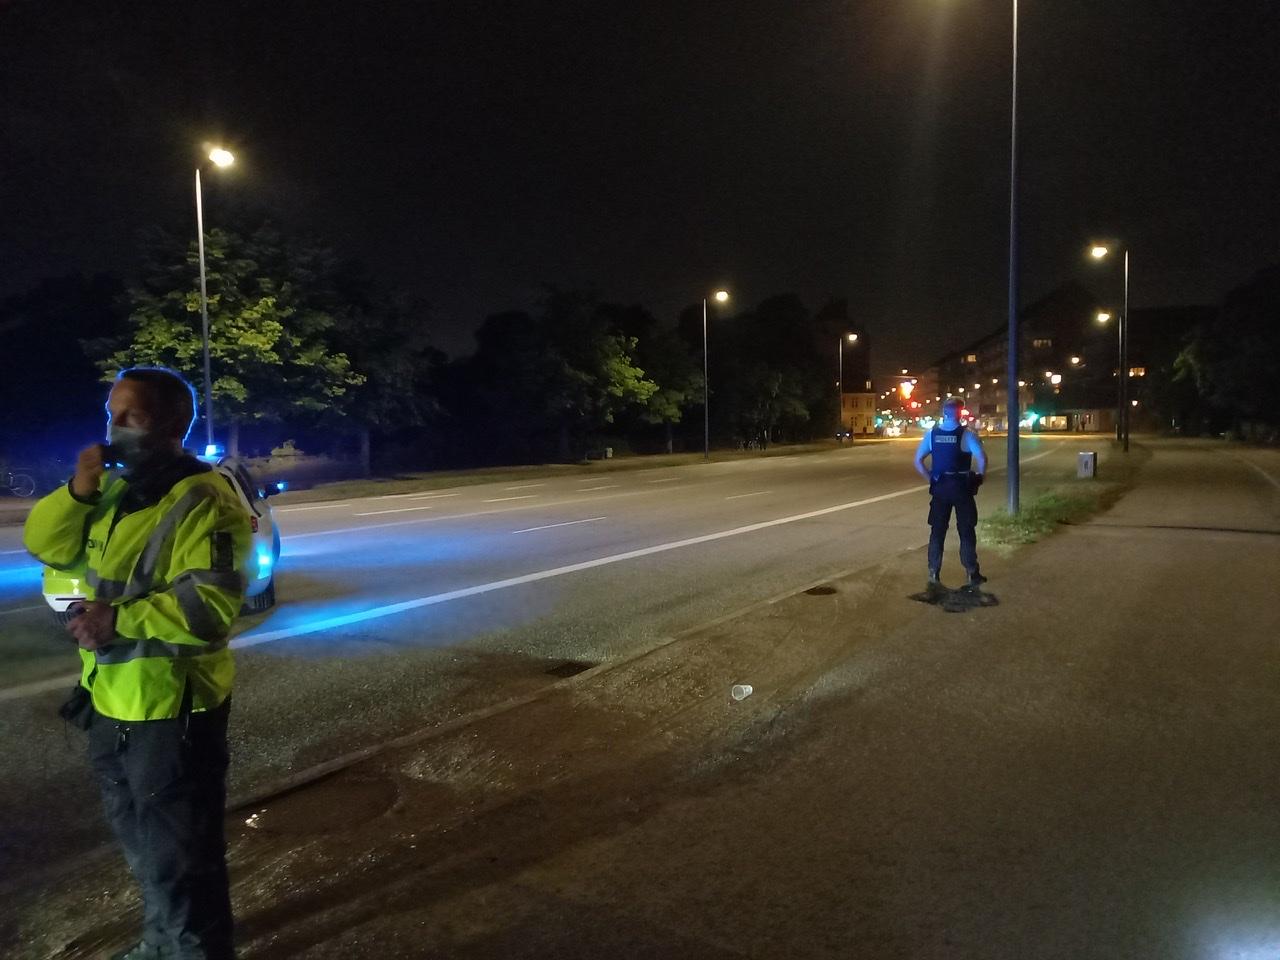 Skyderi i København - kæmpe udrykning